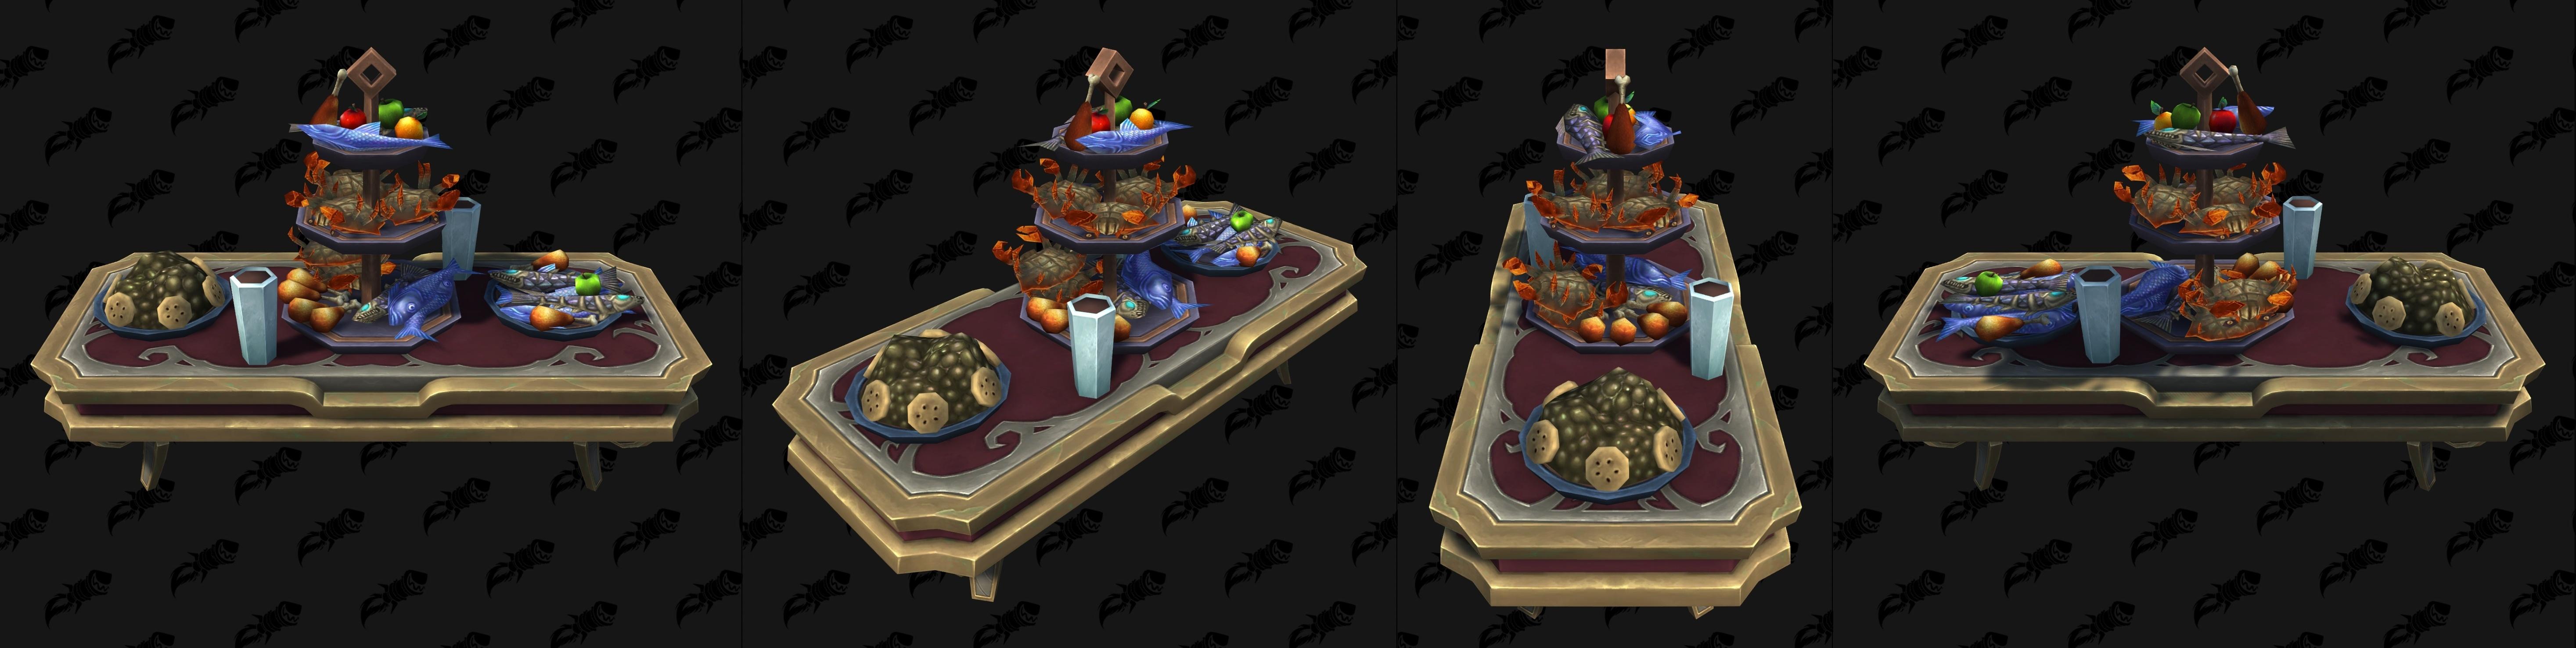 Кухня Shadowlands, Еда Души и модели пиров